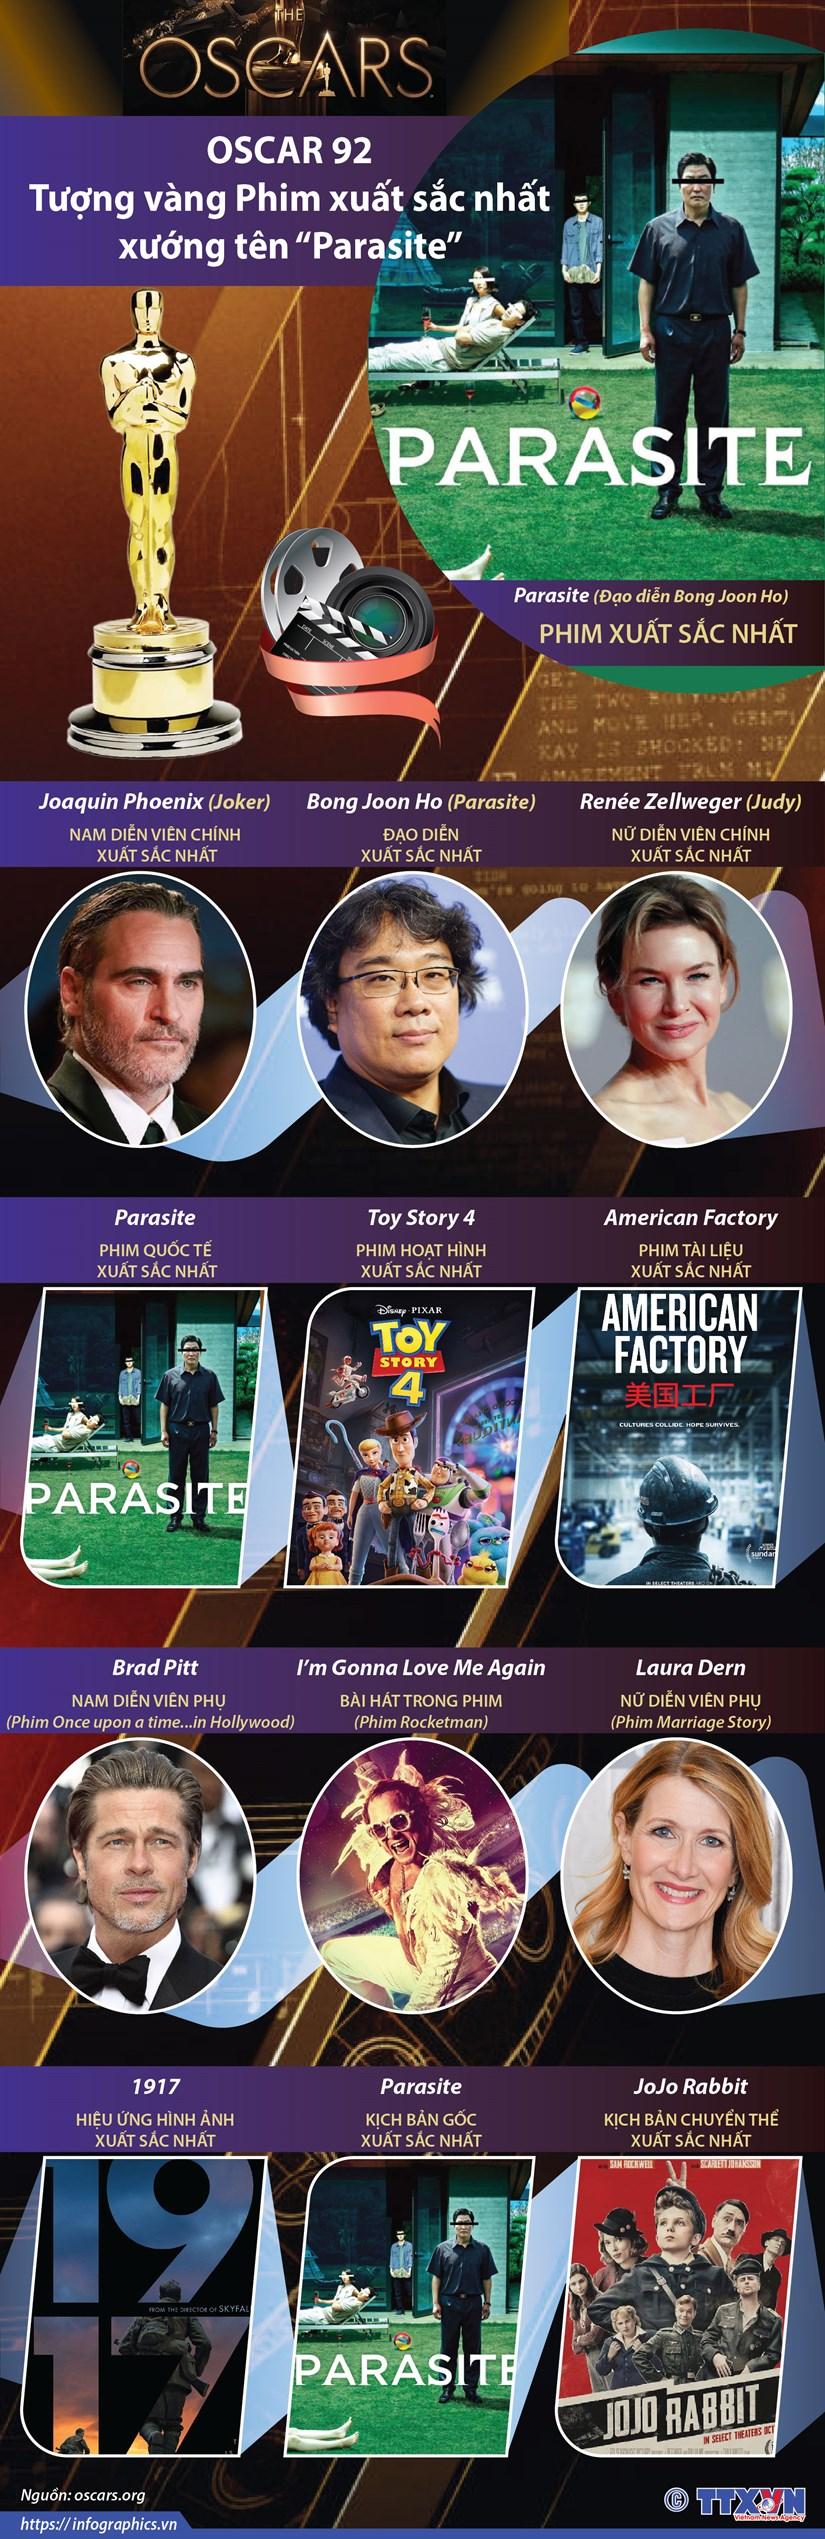 [Infographics] 'Parasite' gianh tuong vang Phim xuat sac nhat Oscar 92 hinh anh 1